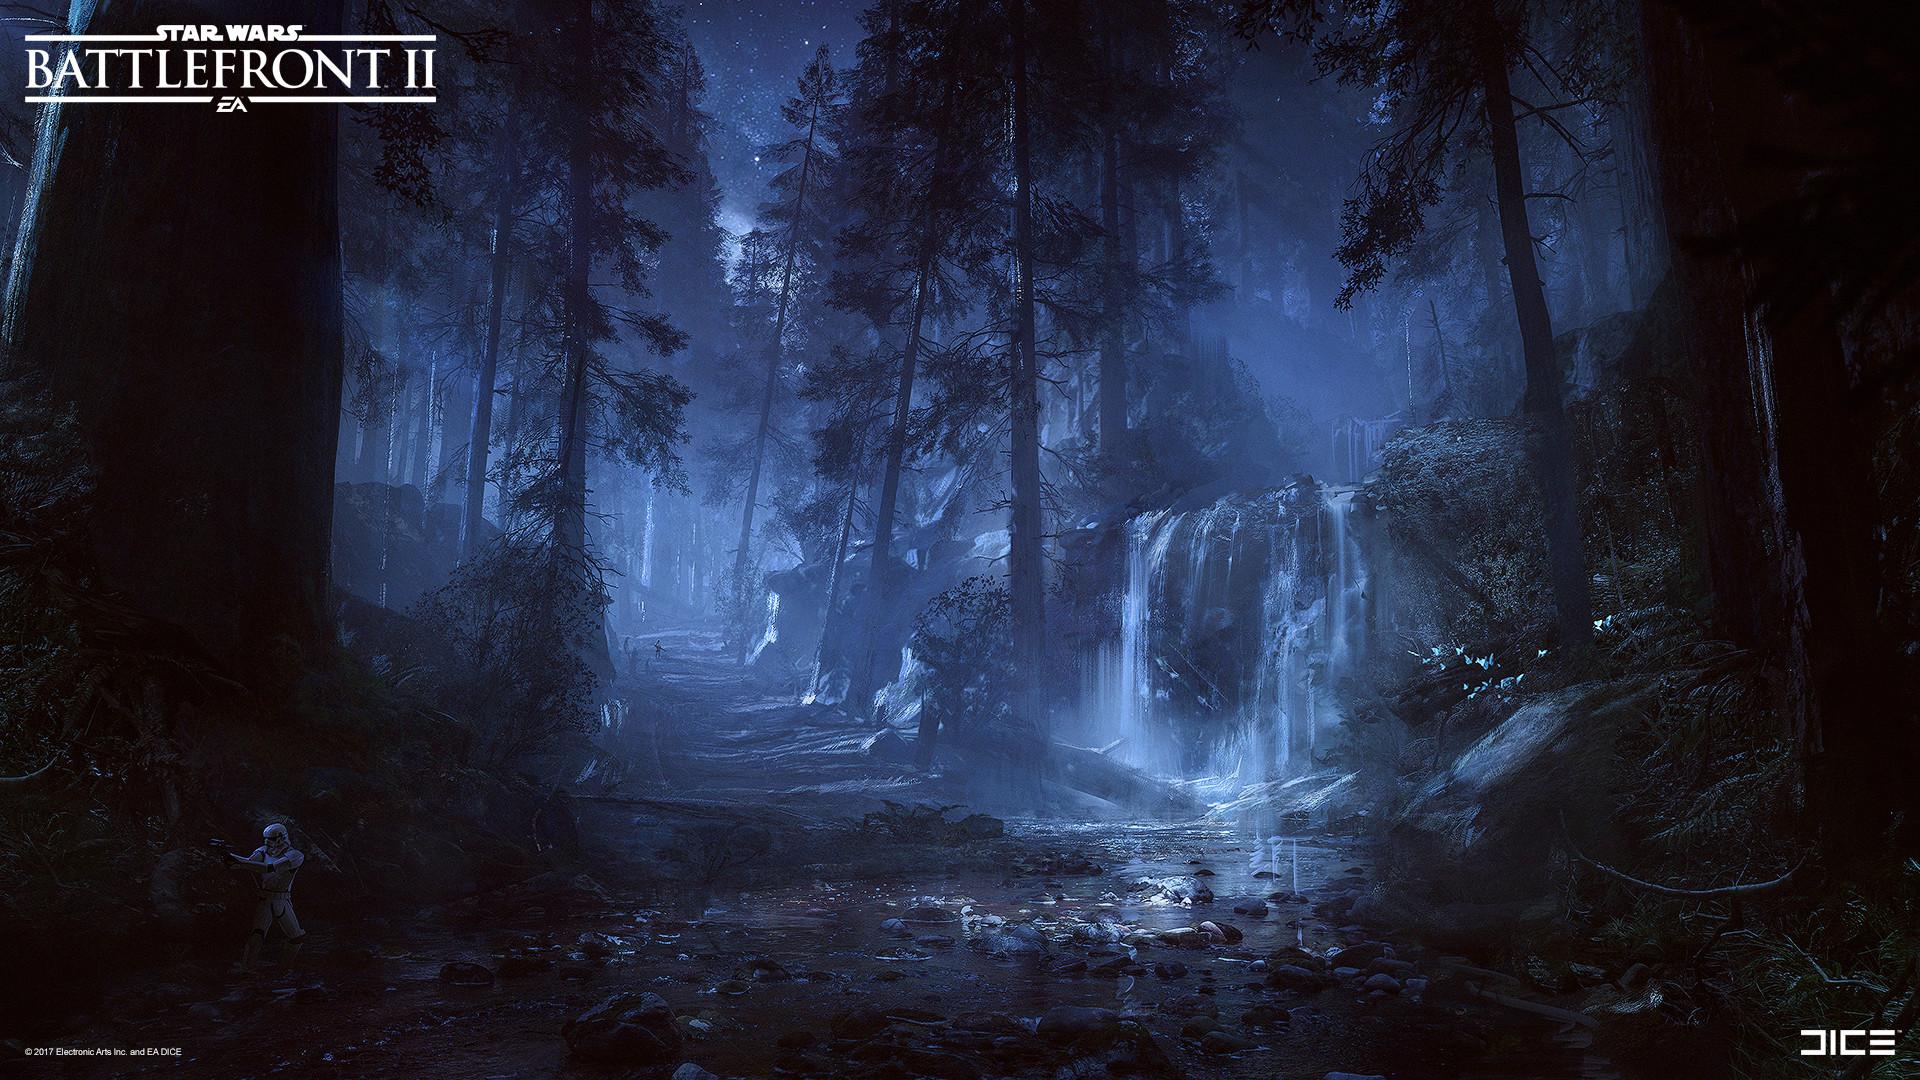 Esbjorn Nord Star Wars Battlefront Ii Concept Art Forest Moon Of Endor